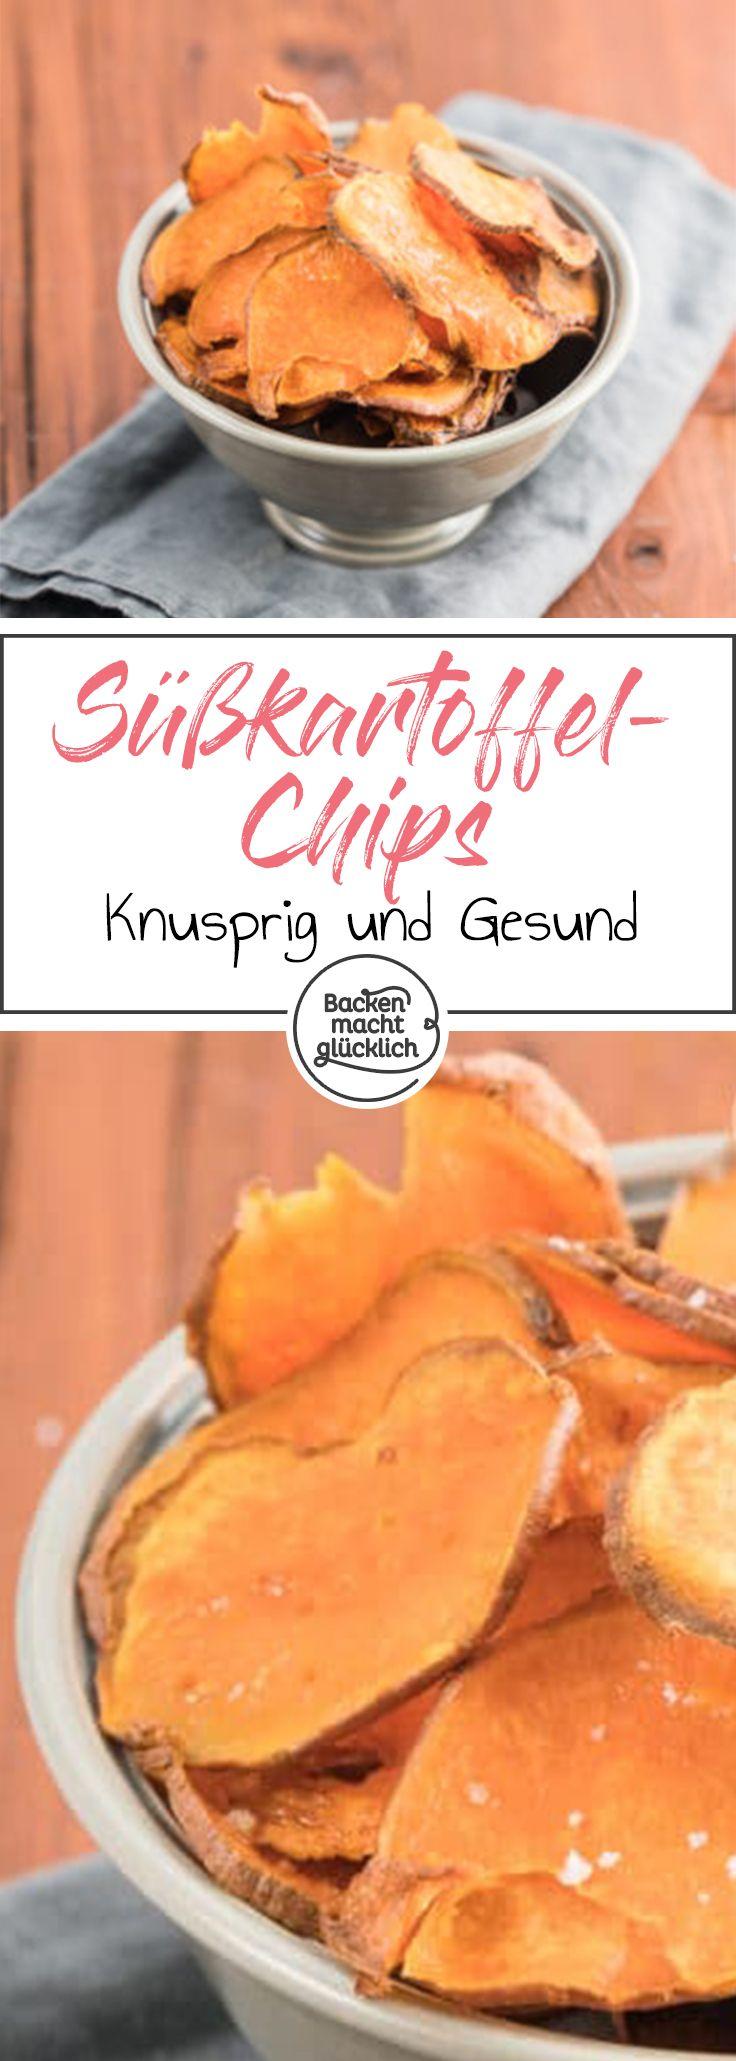 Knusprig, köstlich und noch dazu gesund: Selbstgemachte Süßkartoffelchips sind eine tolle Alternative zu herkömmlichen Chips. Mit diesen Tipps werden die Gemüsechips garantiert knusprig.